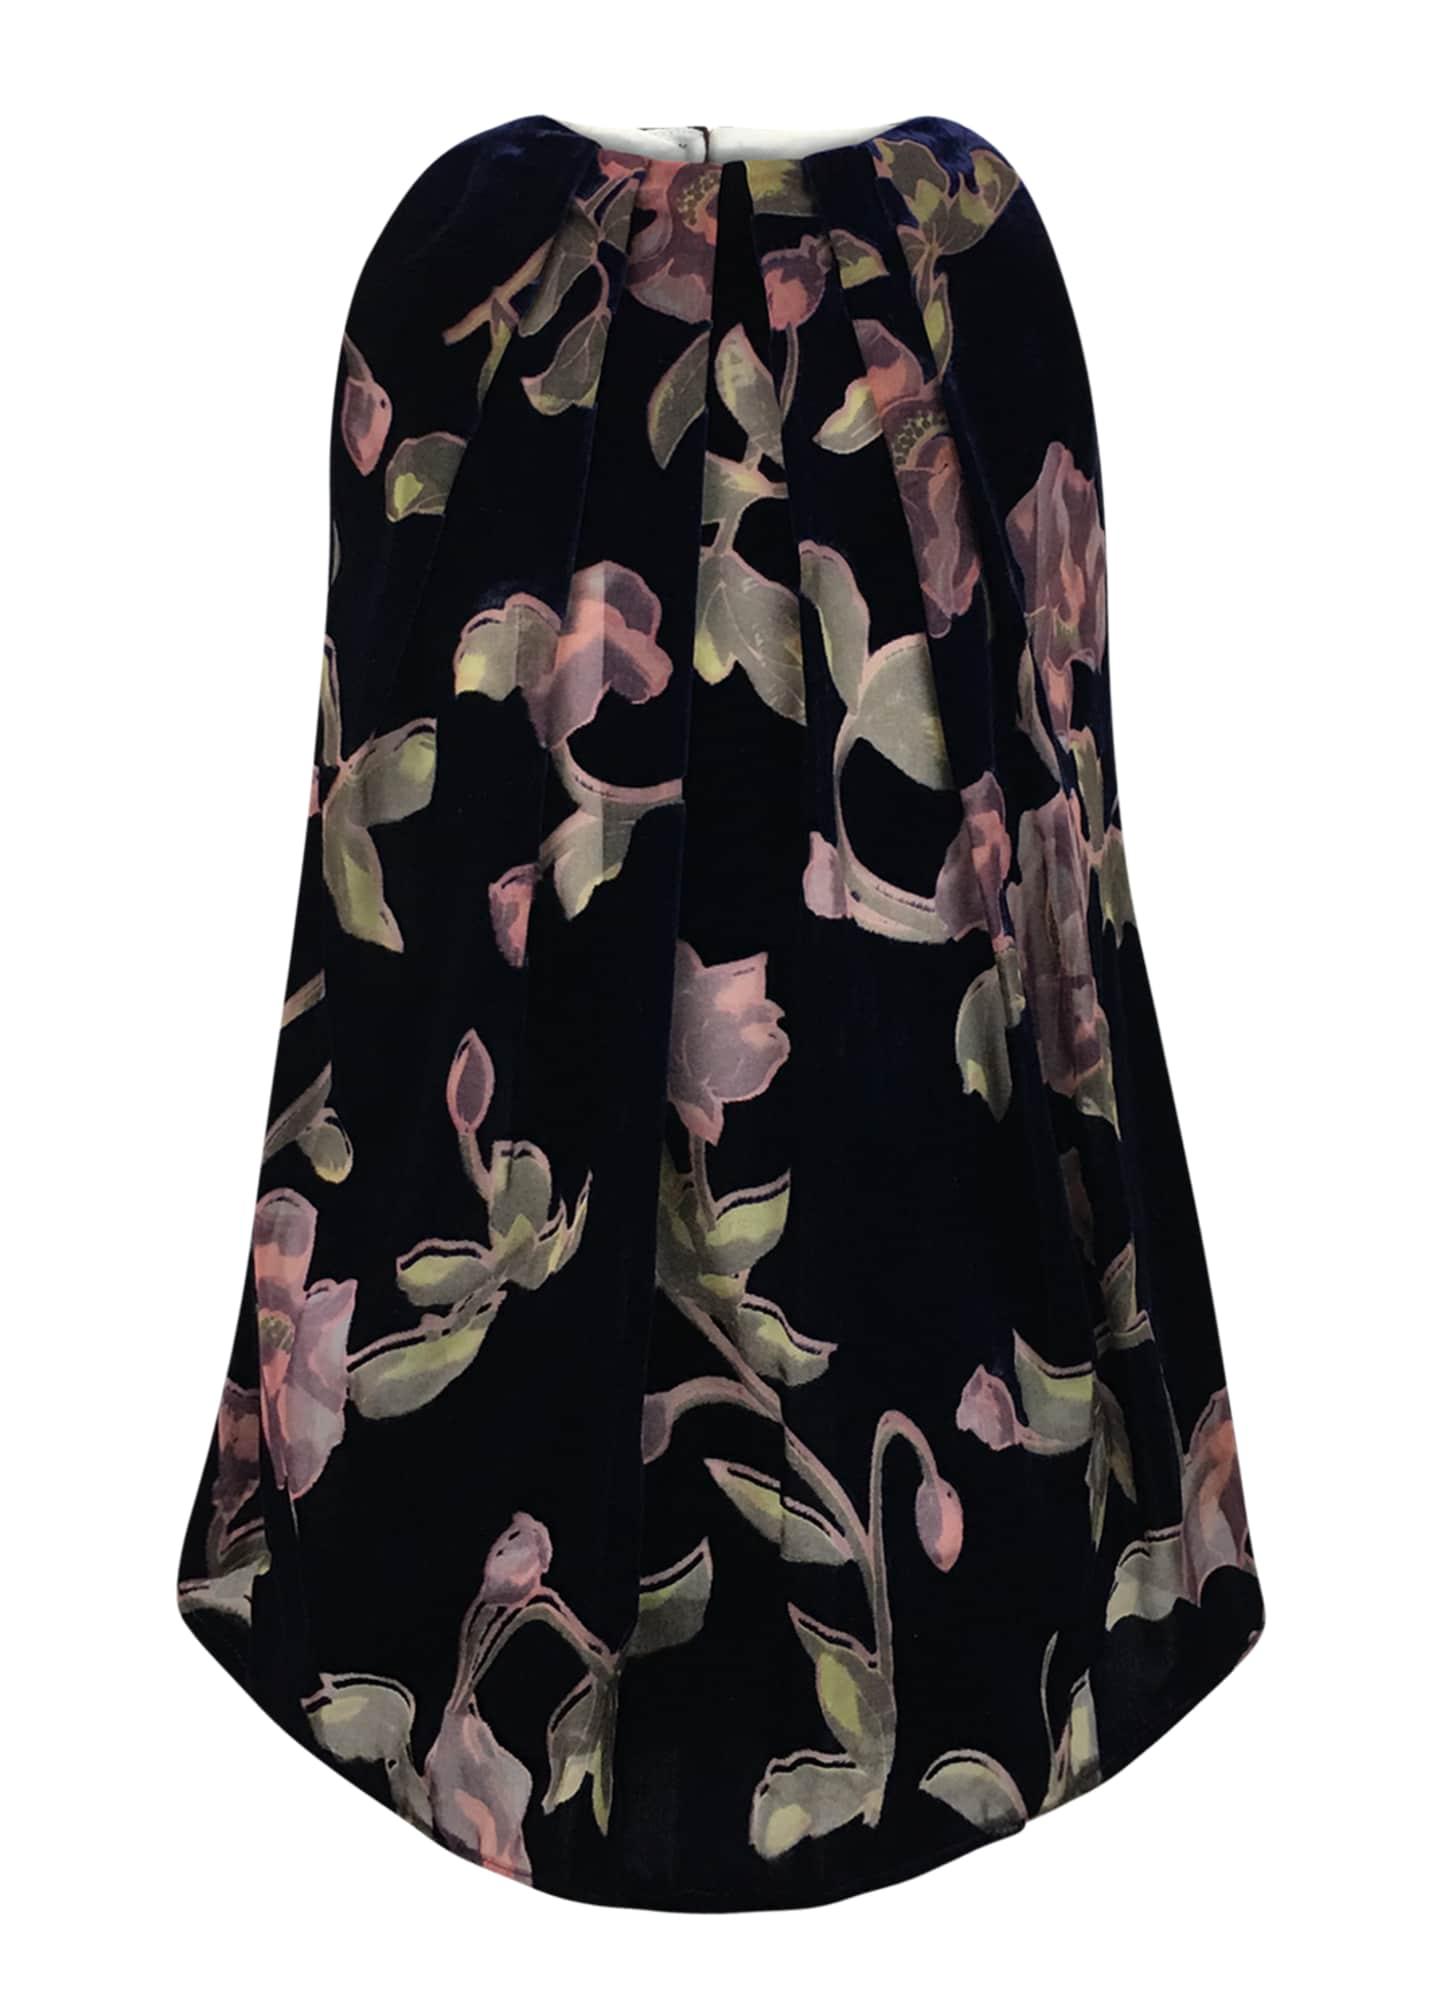 Helena Velvet Burnout Floral Dress, Size 4-6